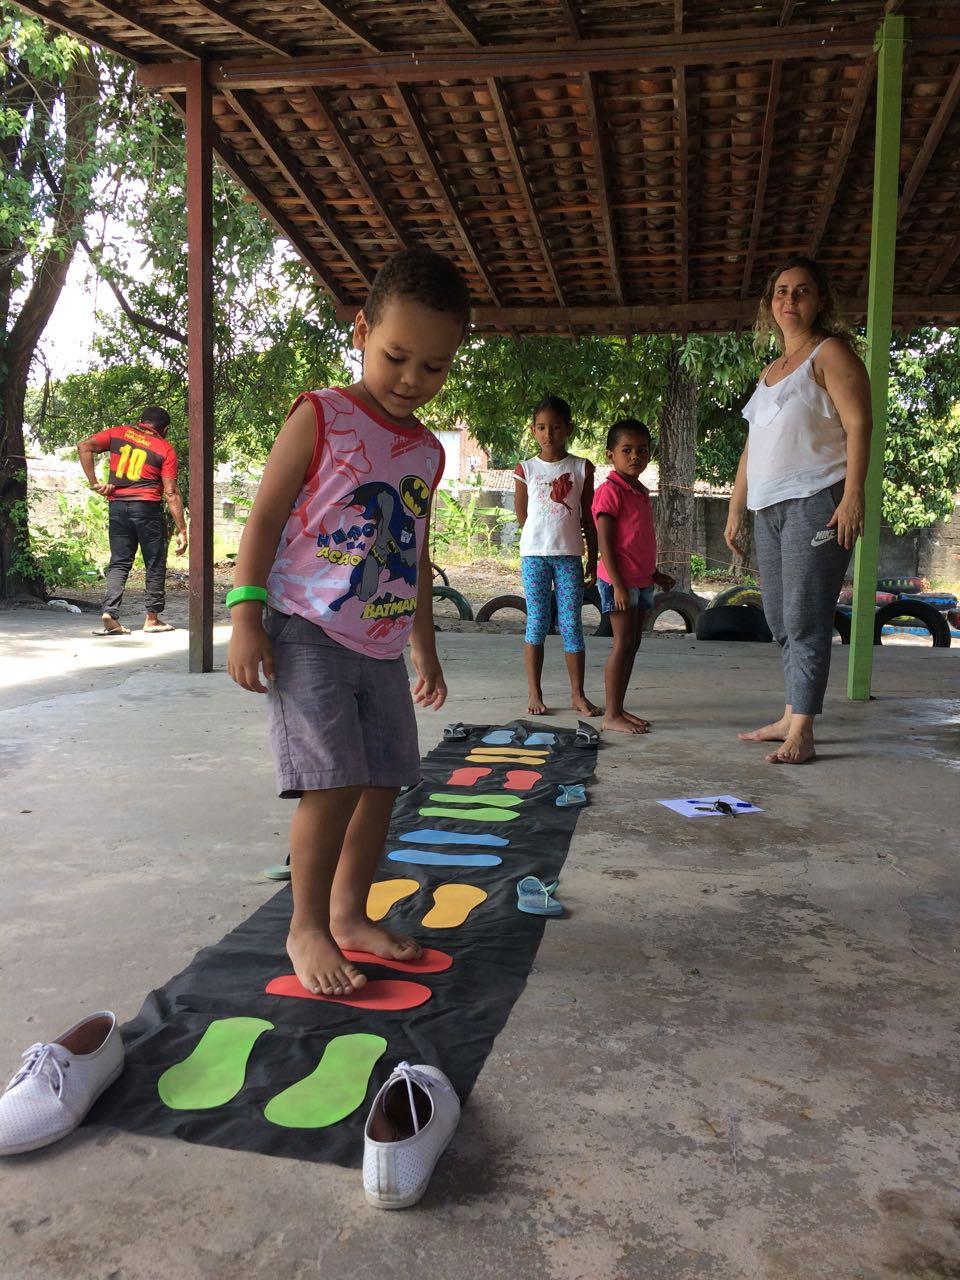 Atividade para os menores